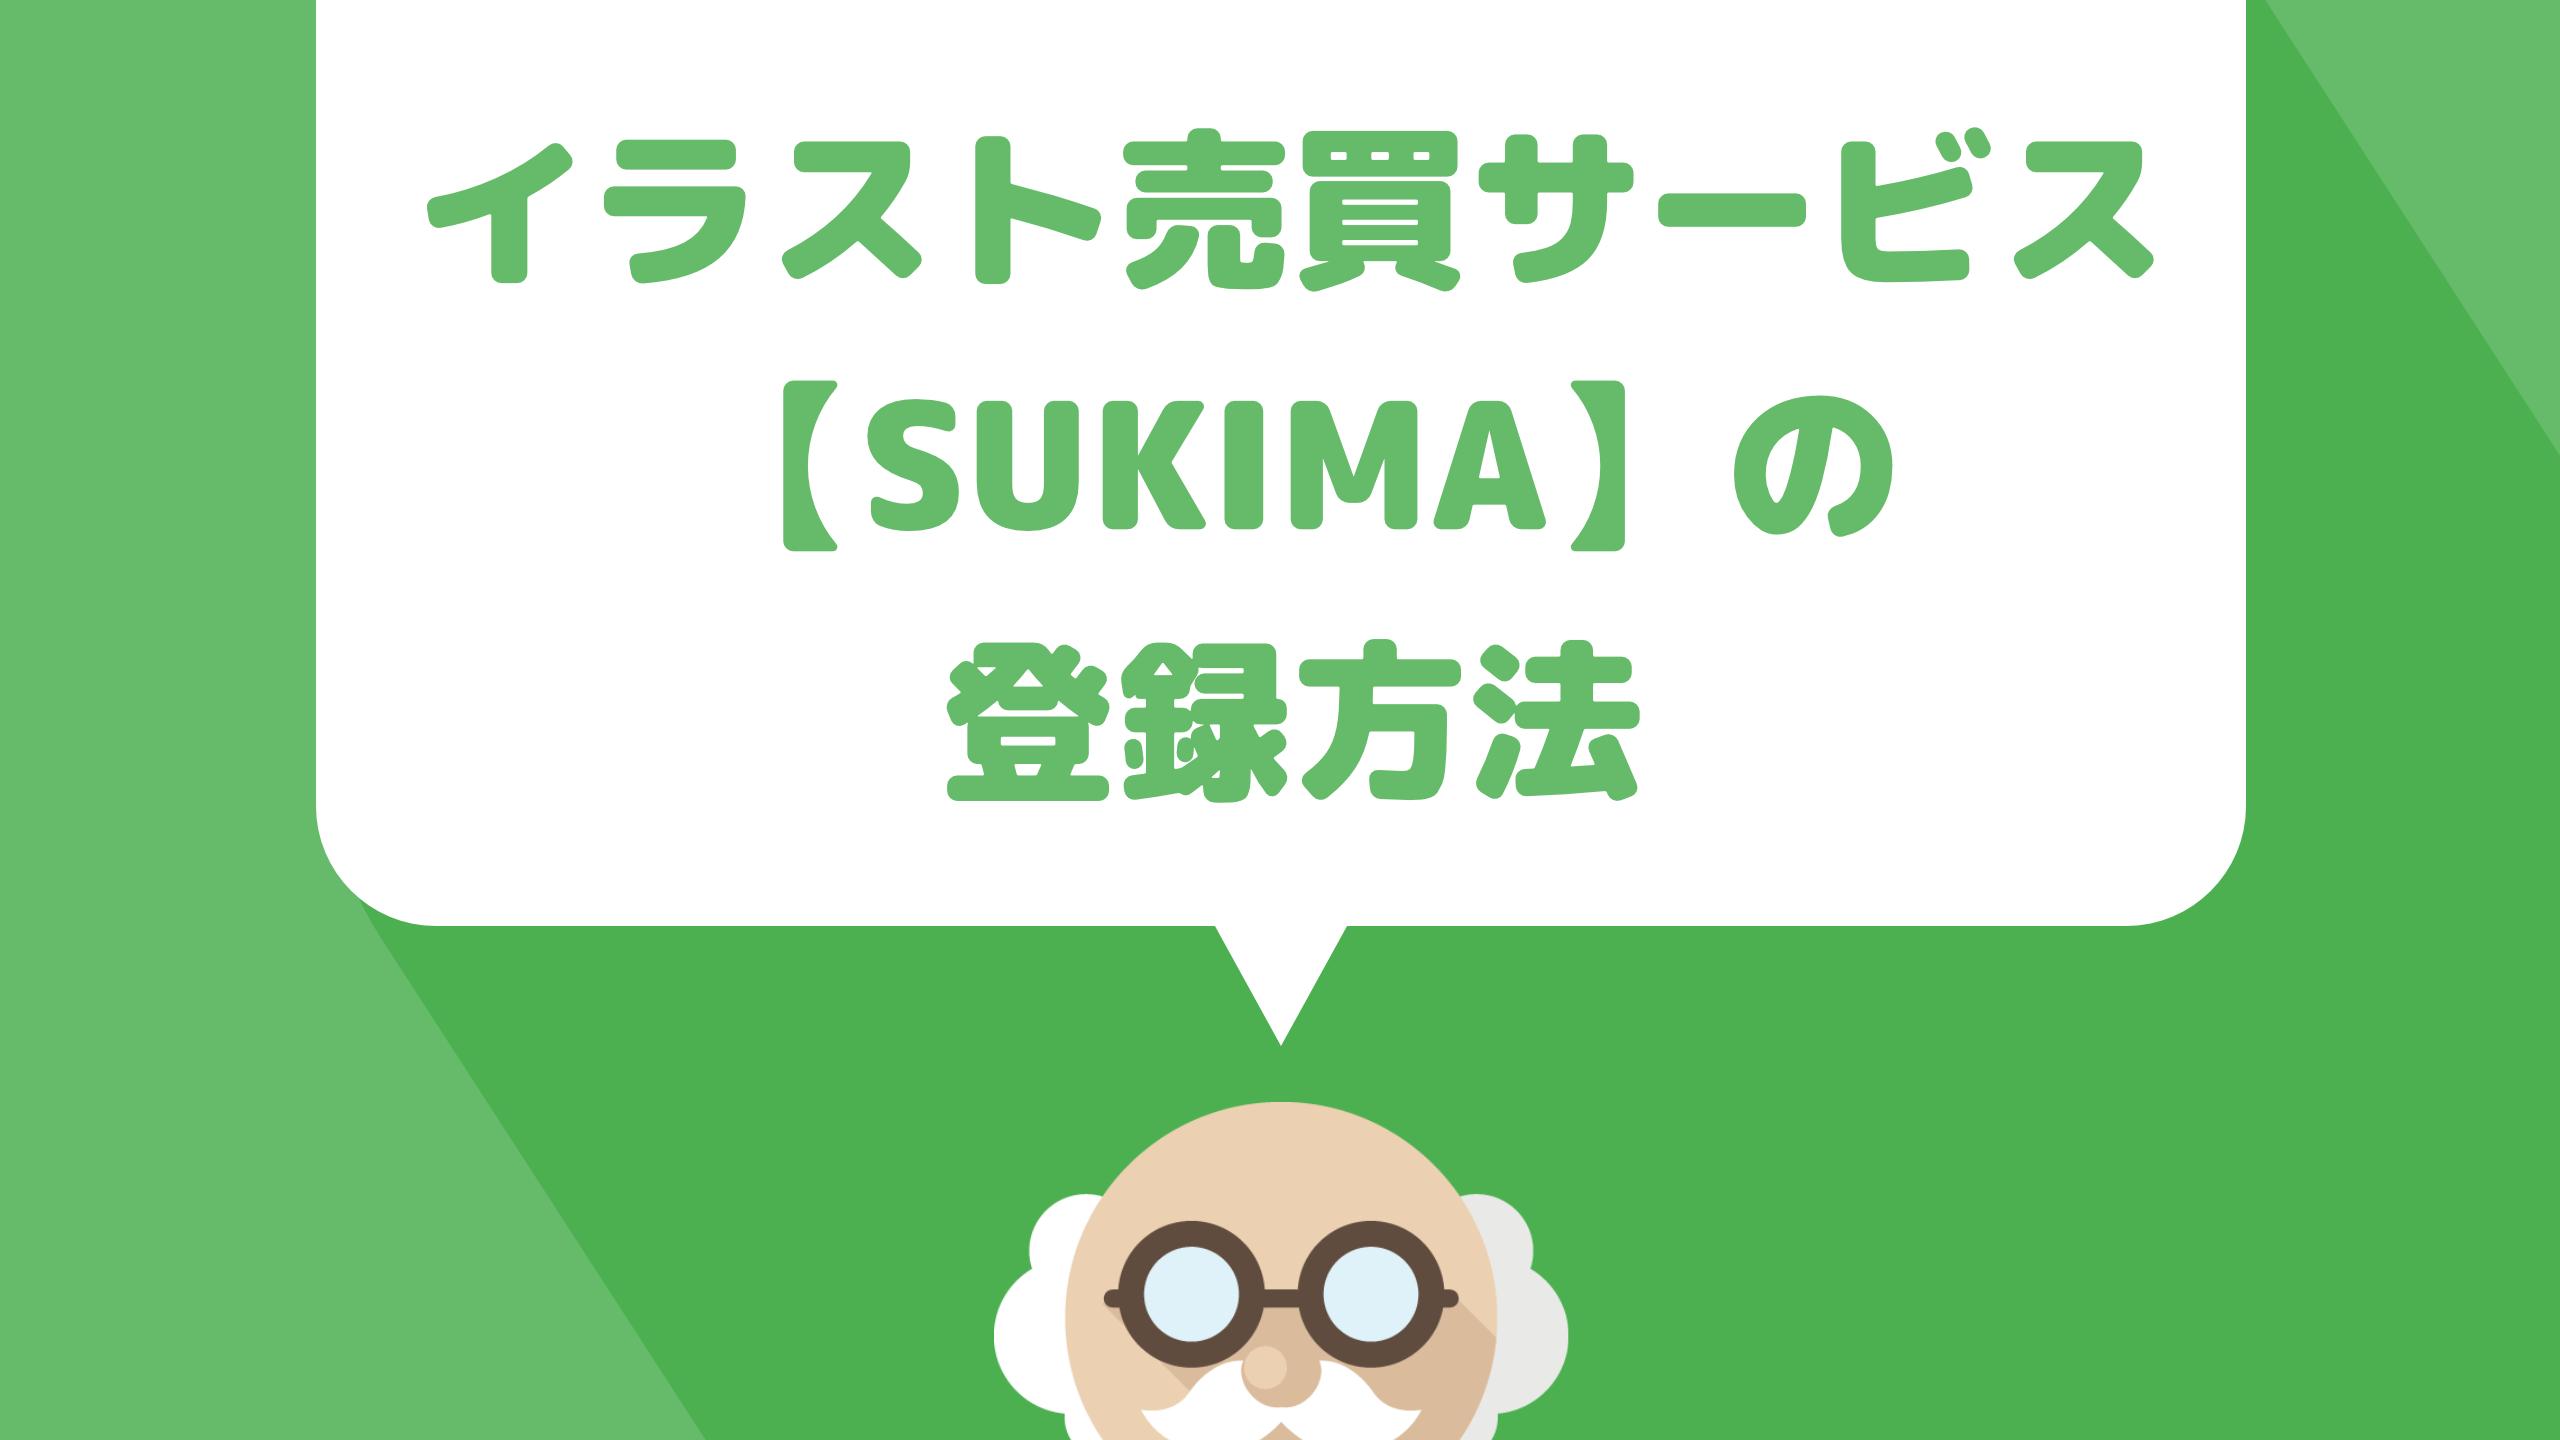 イラスト特化型のスキルシェアサービス【SUKIMA(スキマ)】に登録する方法を解説